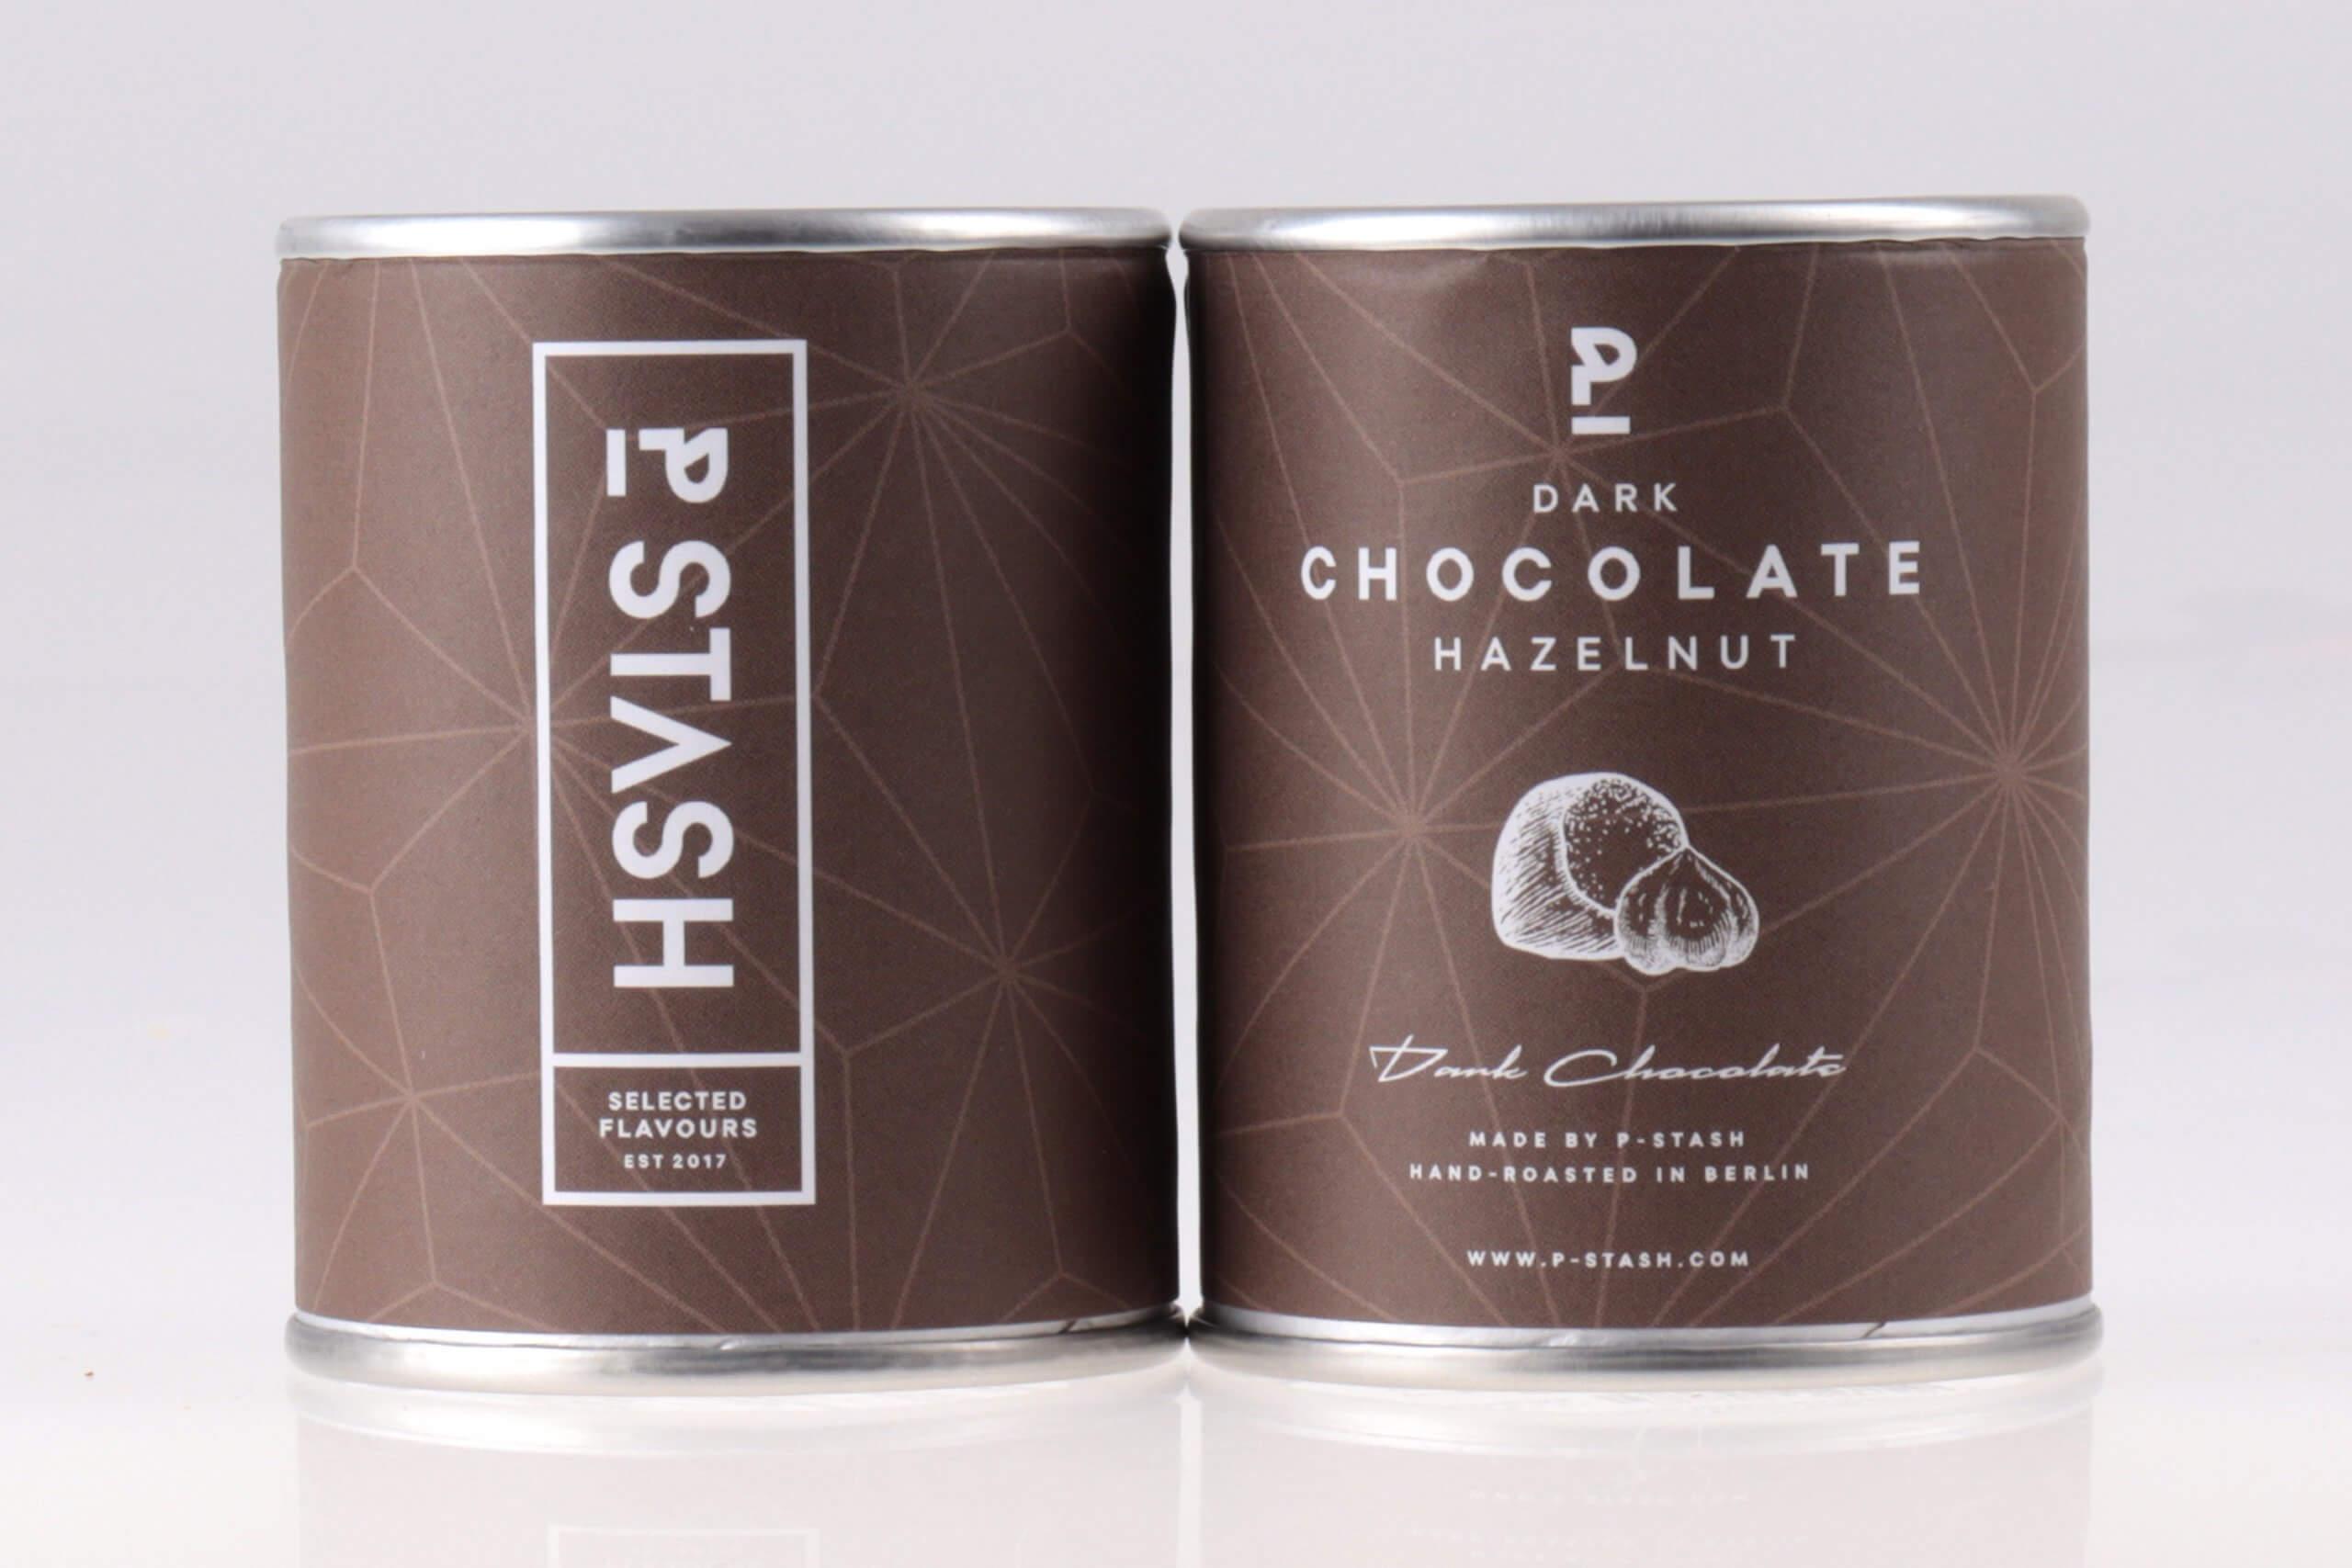 Haselnuss Dunkle Schokolade von feinjemacht kaufen